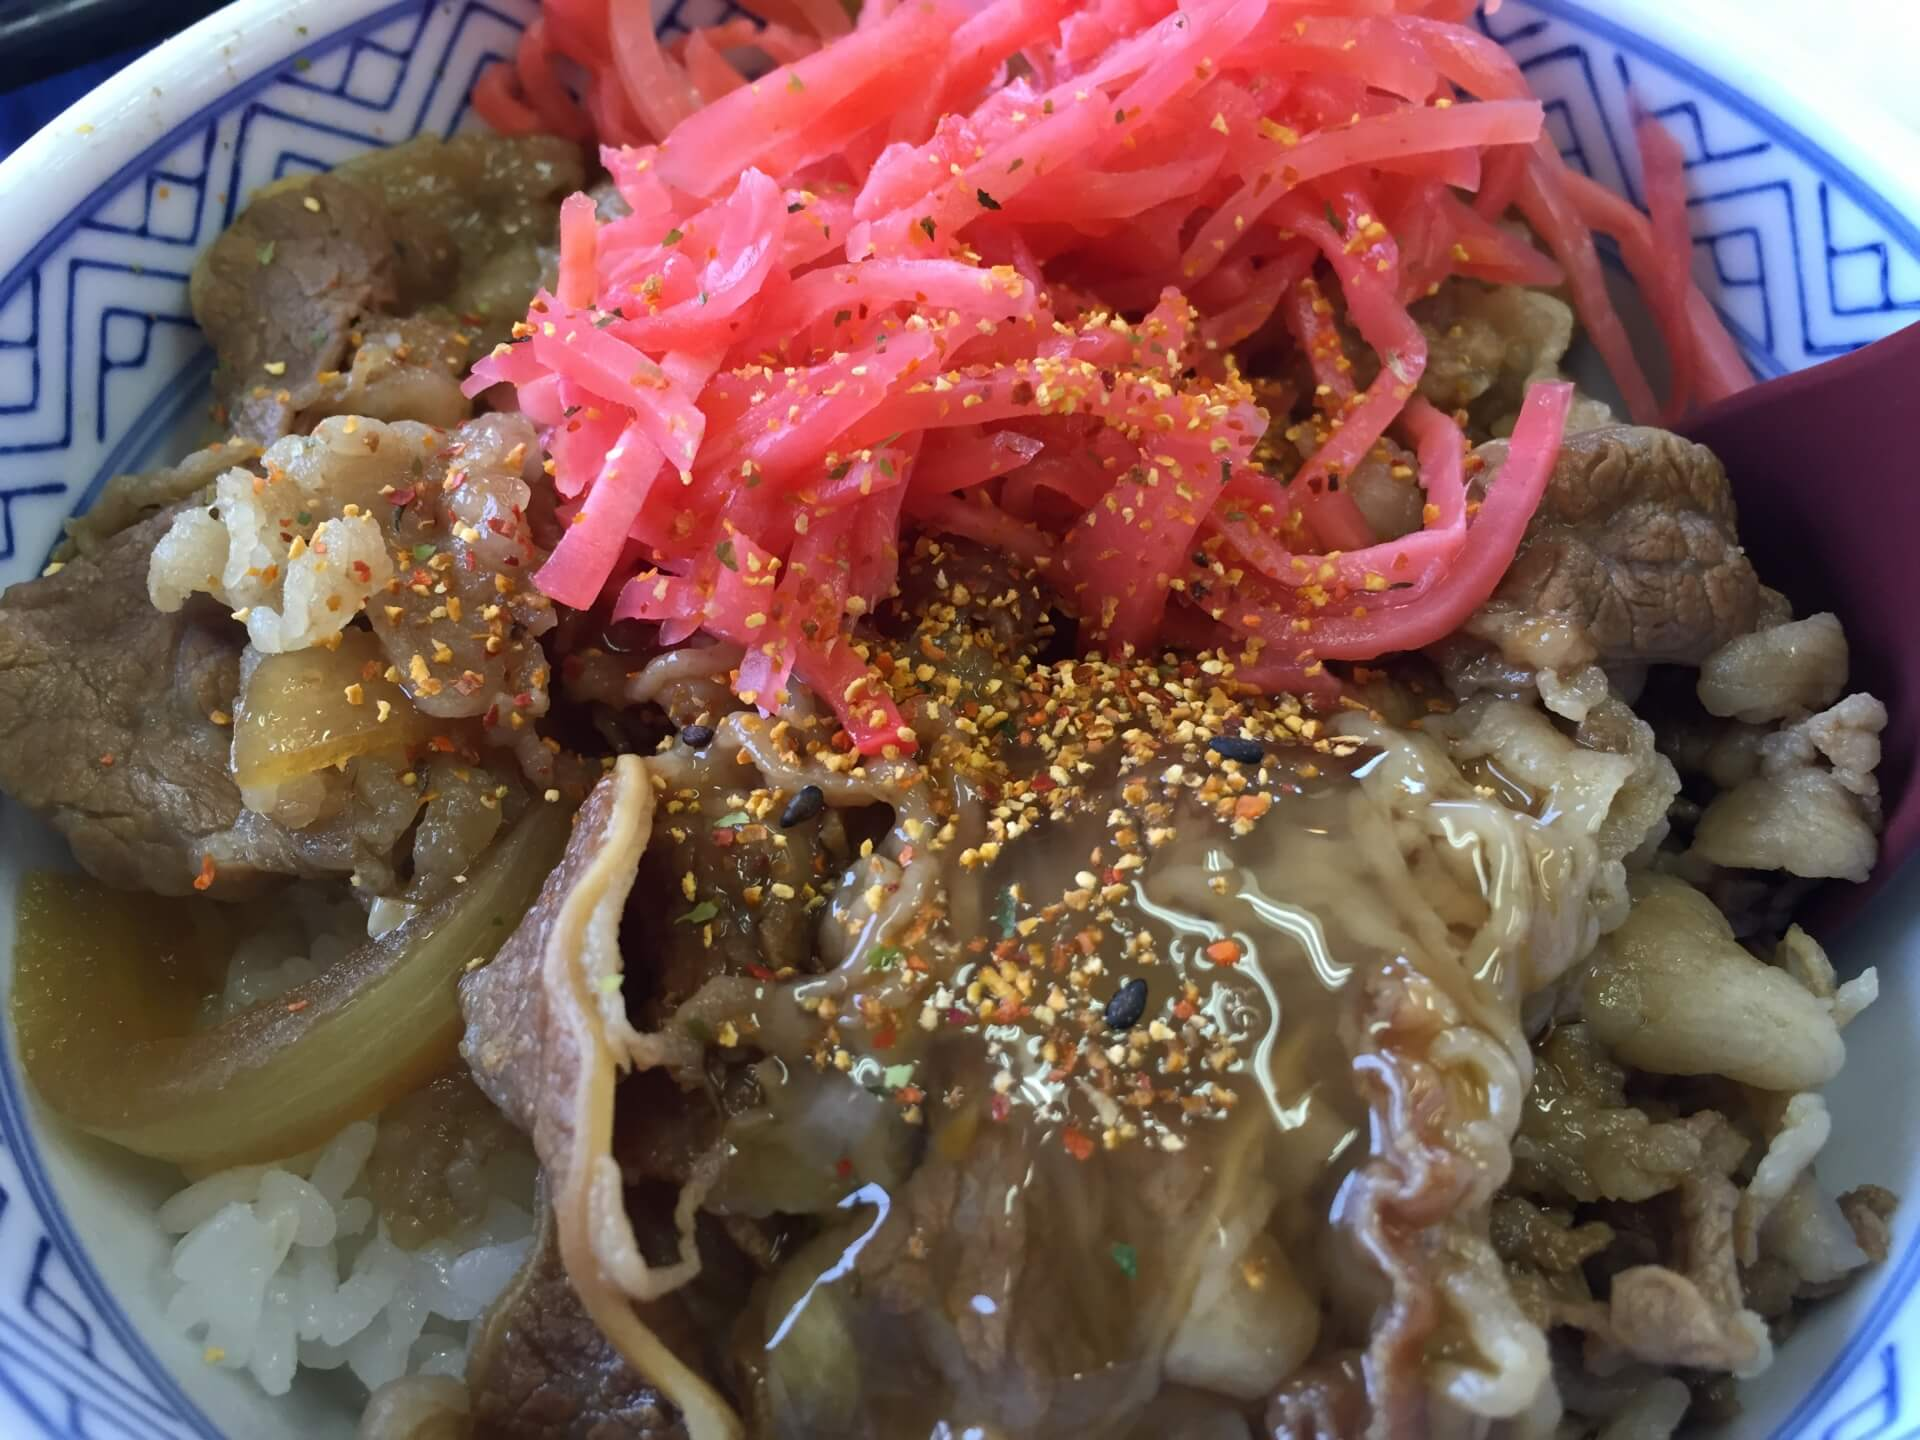 1月24日は牛肉の日:吉野家で並盛を注文するとアタマが120%に増量です!